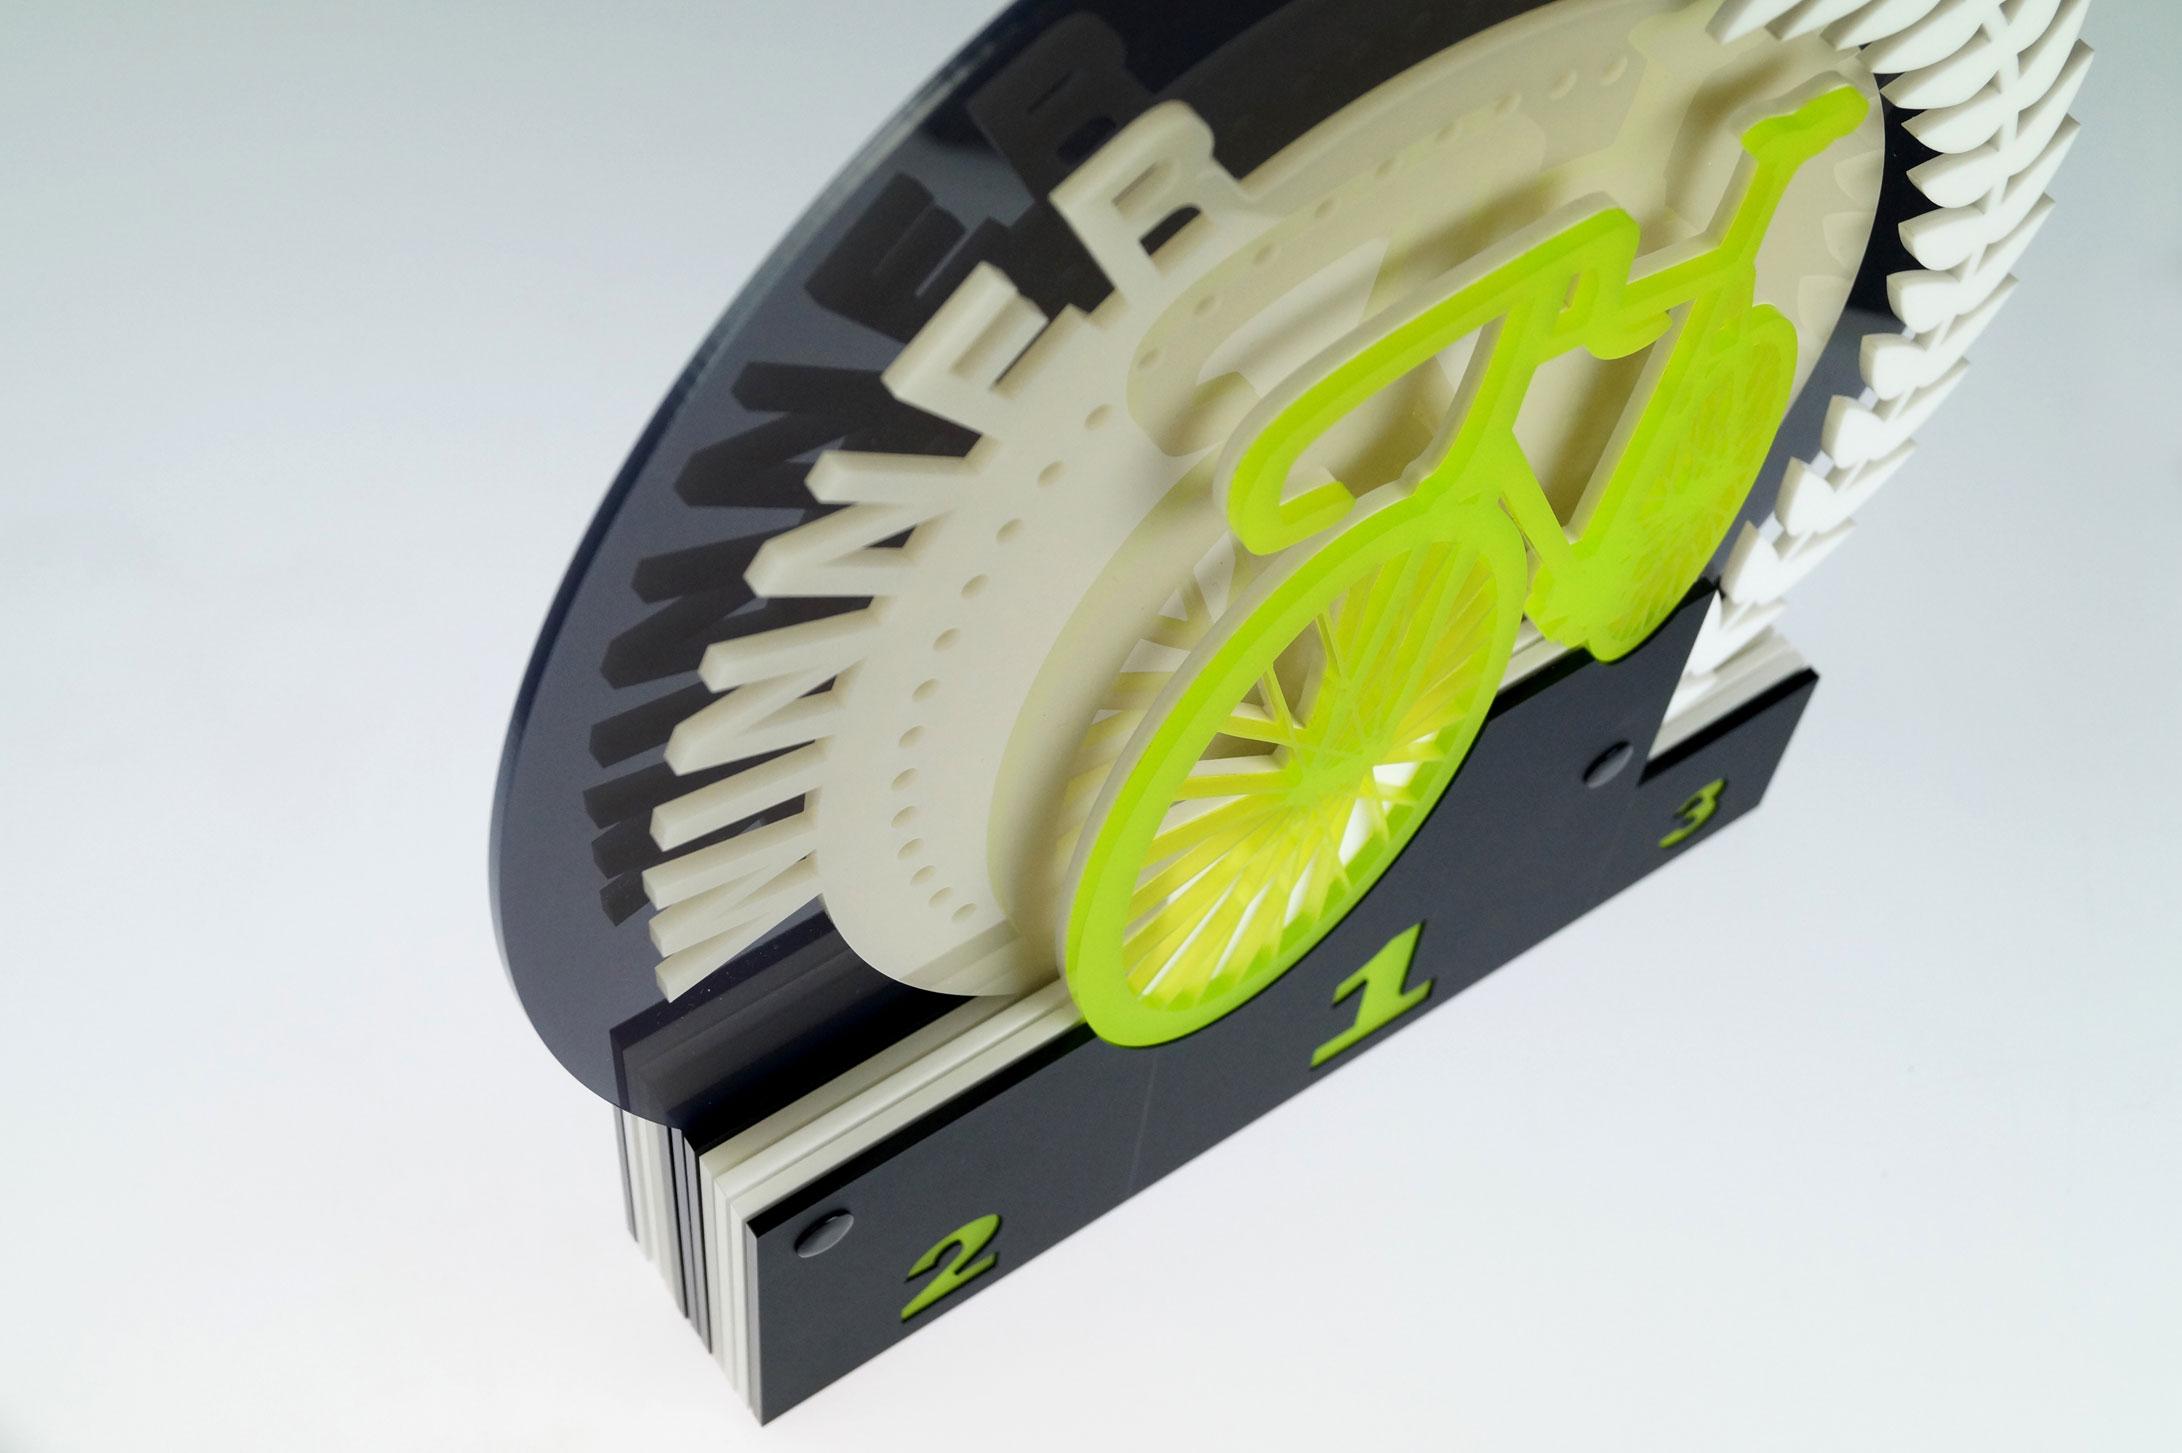 Trophäe aus Acrylglas - gemacht aus Acryl und einem Lasergerät